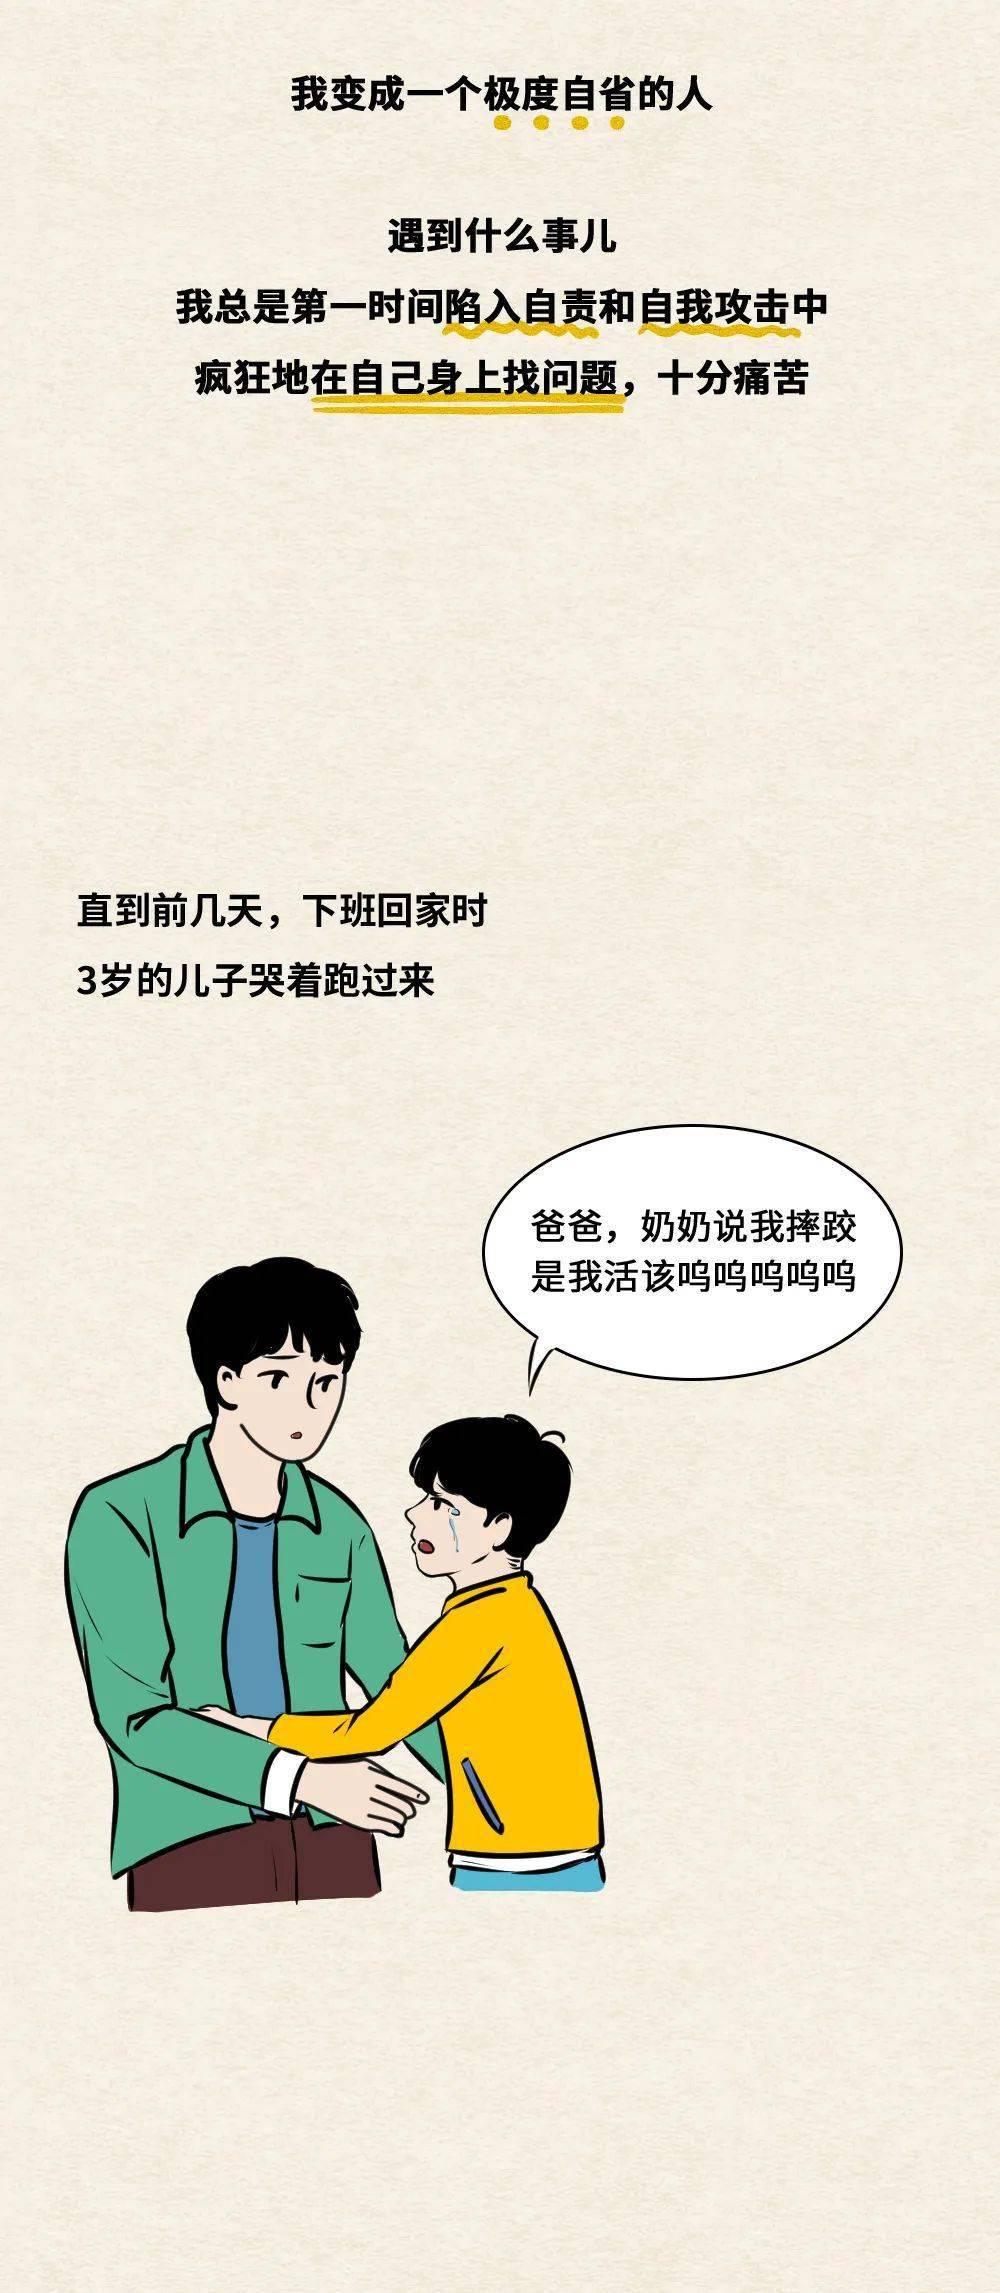 暗示父母偏心的一句话 用一句话讽刺父母偏心